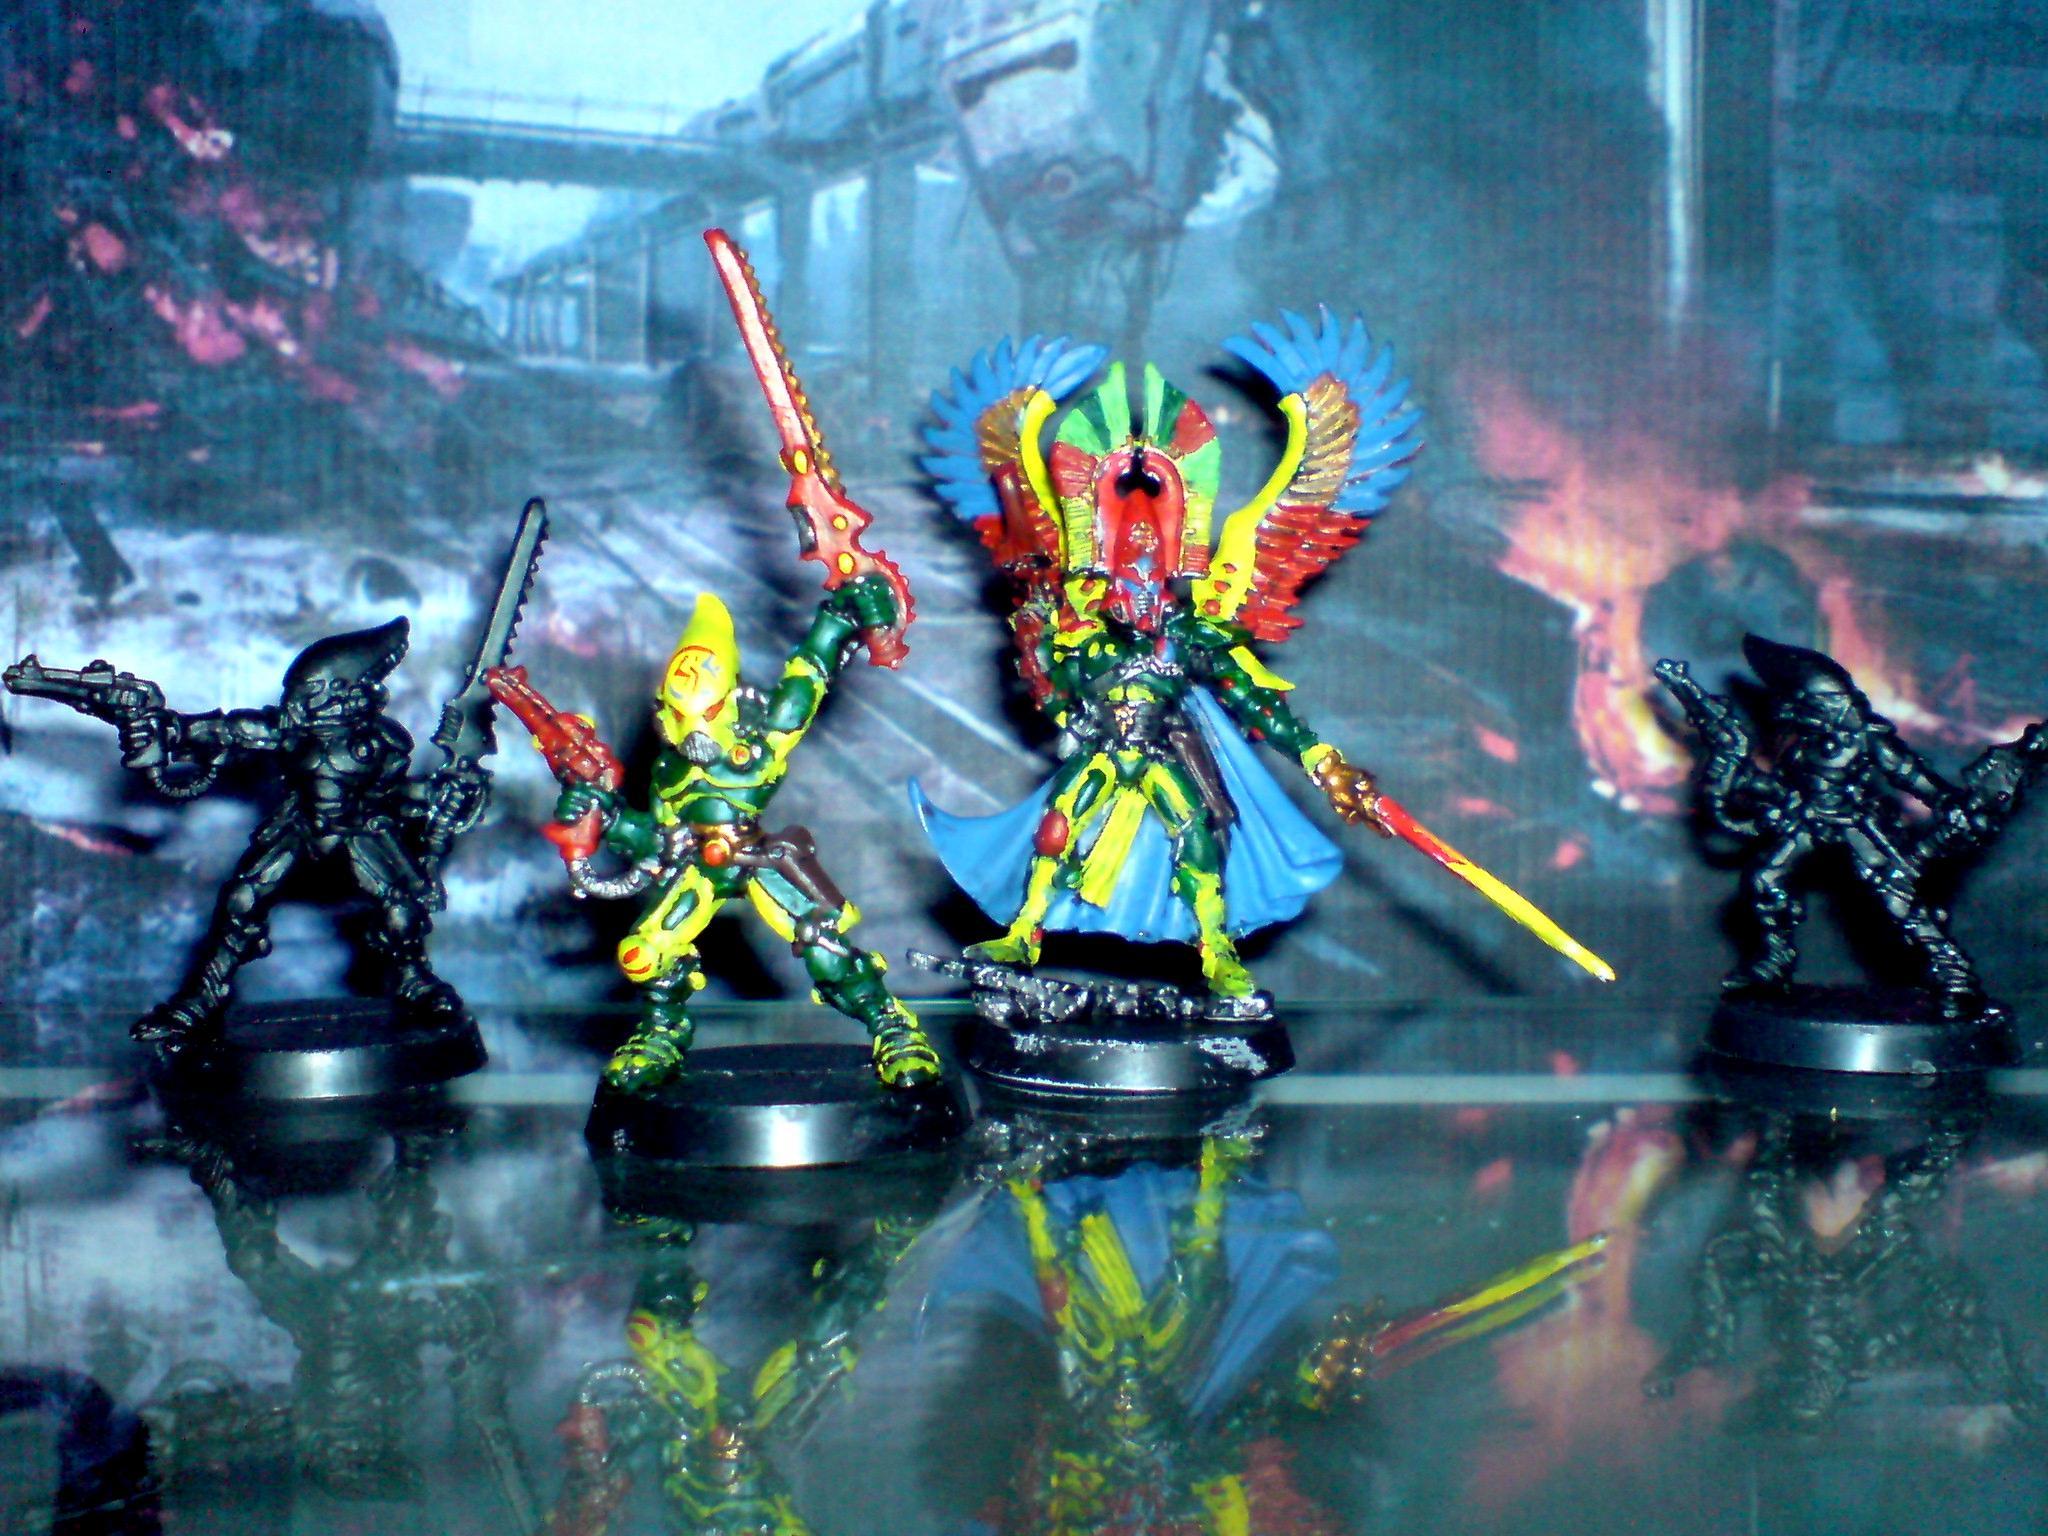 Autarch, Eldar, Striking Scorpion, Warhammer 40,000